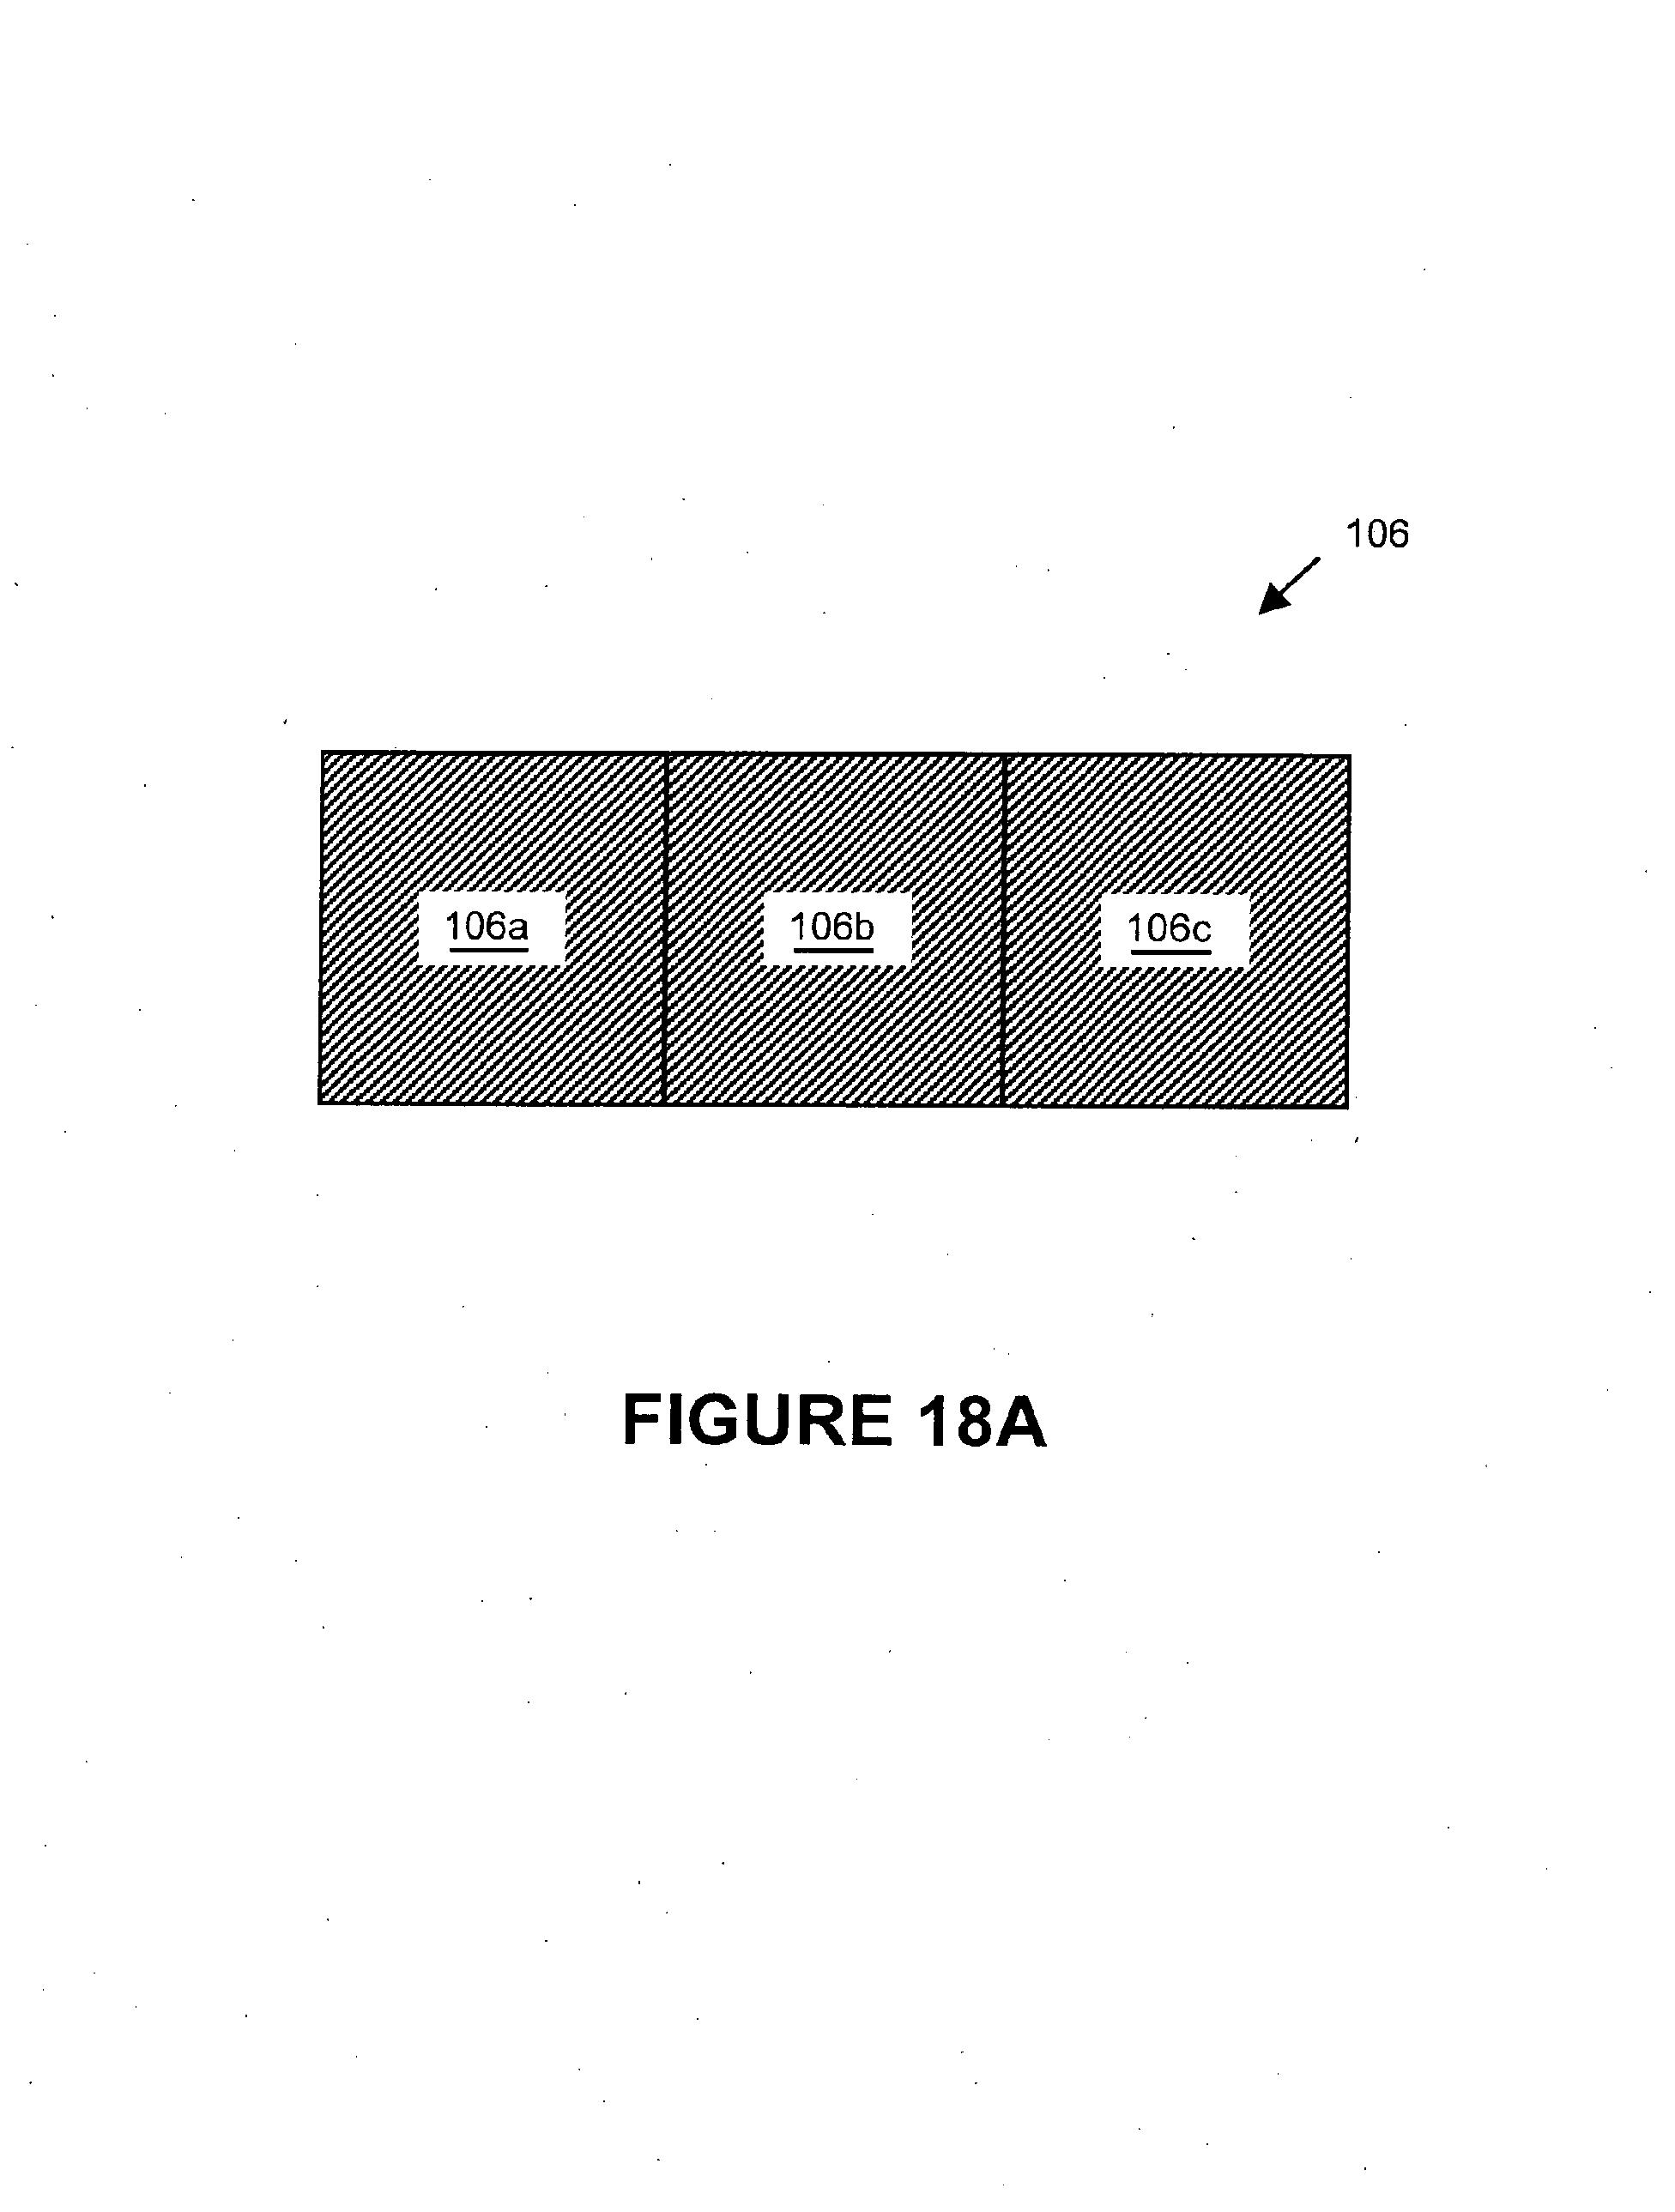 专利ep1369743a2 - characterisation